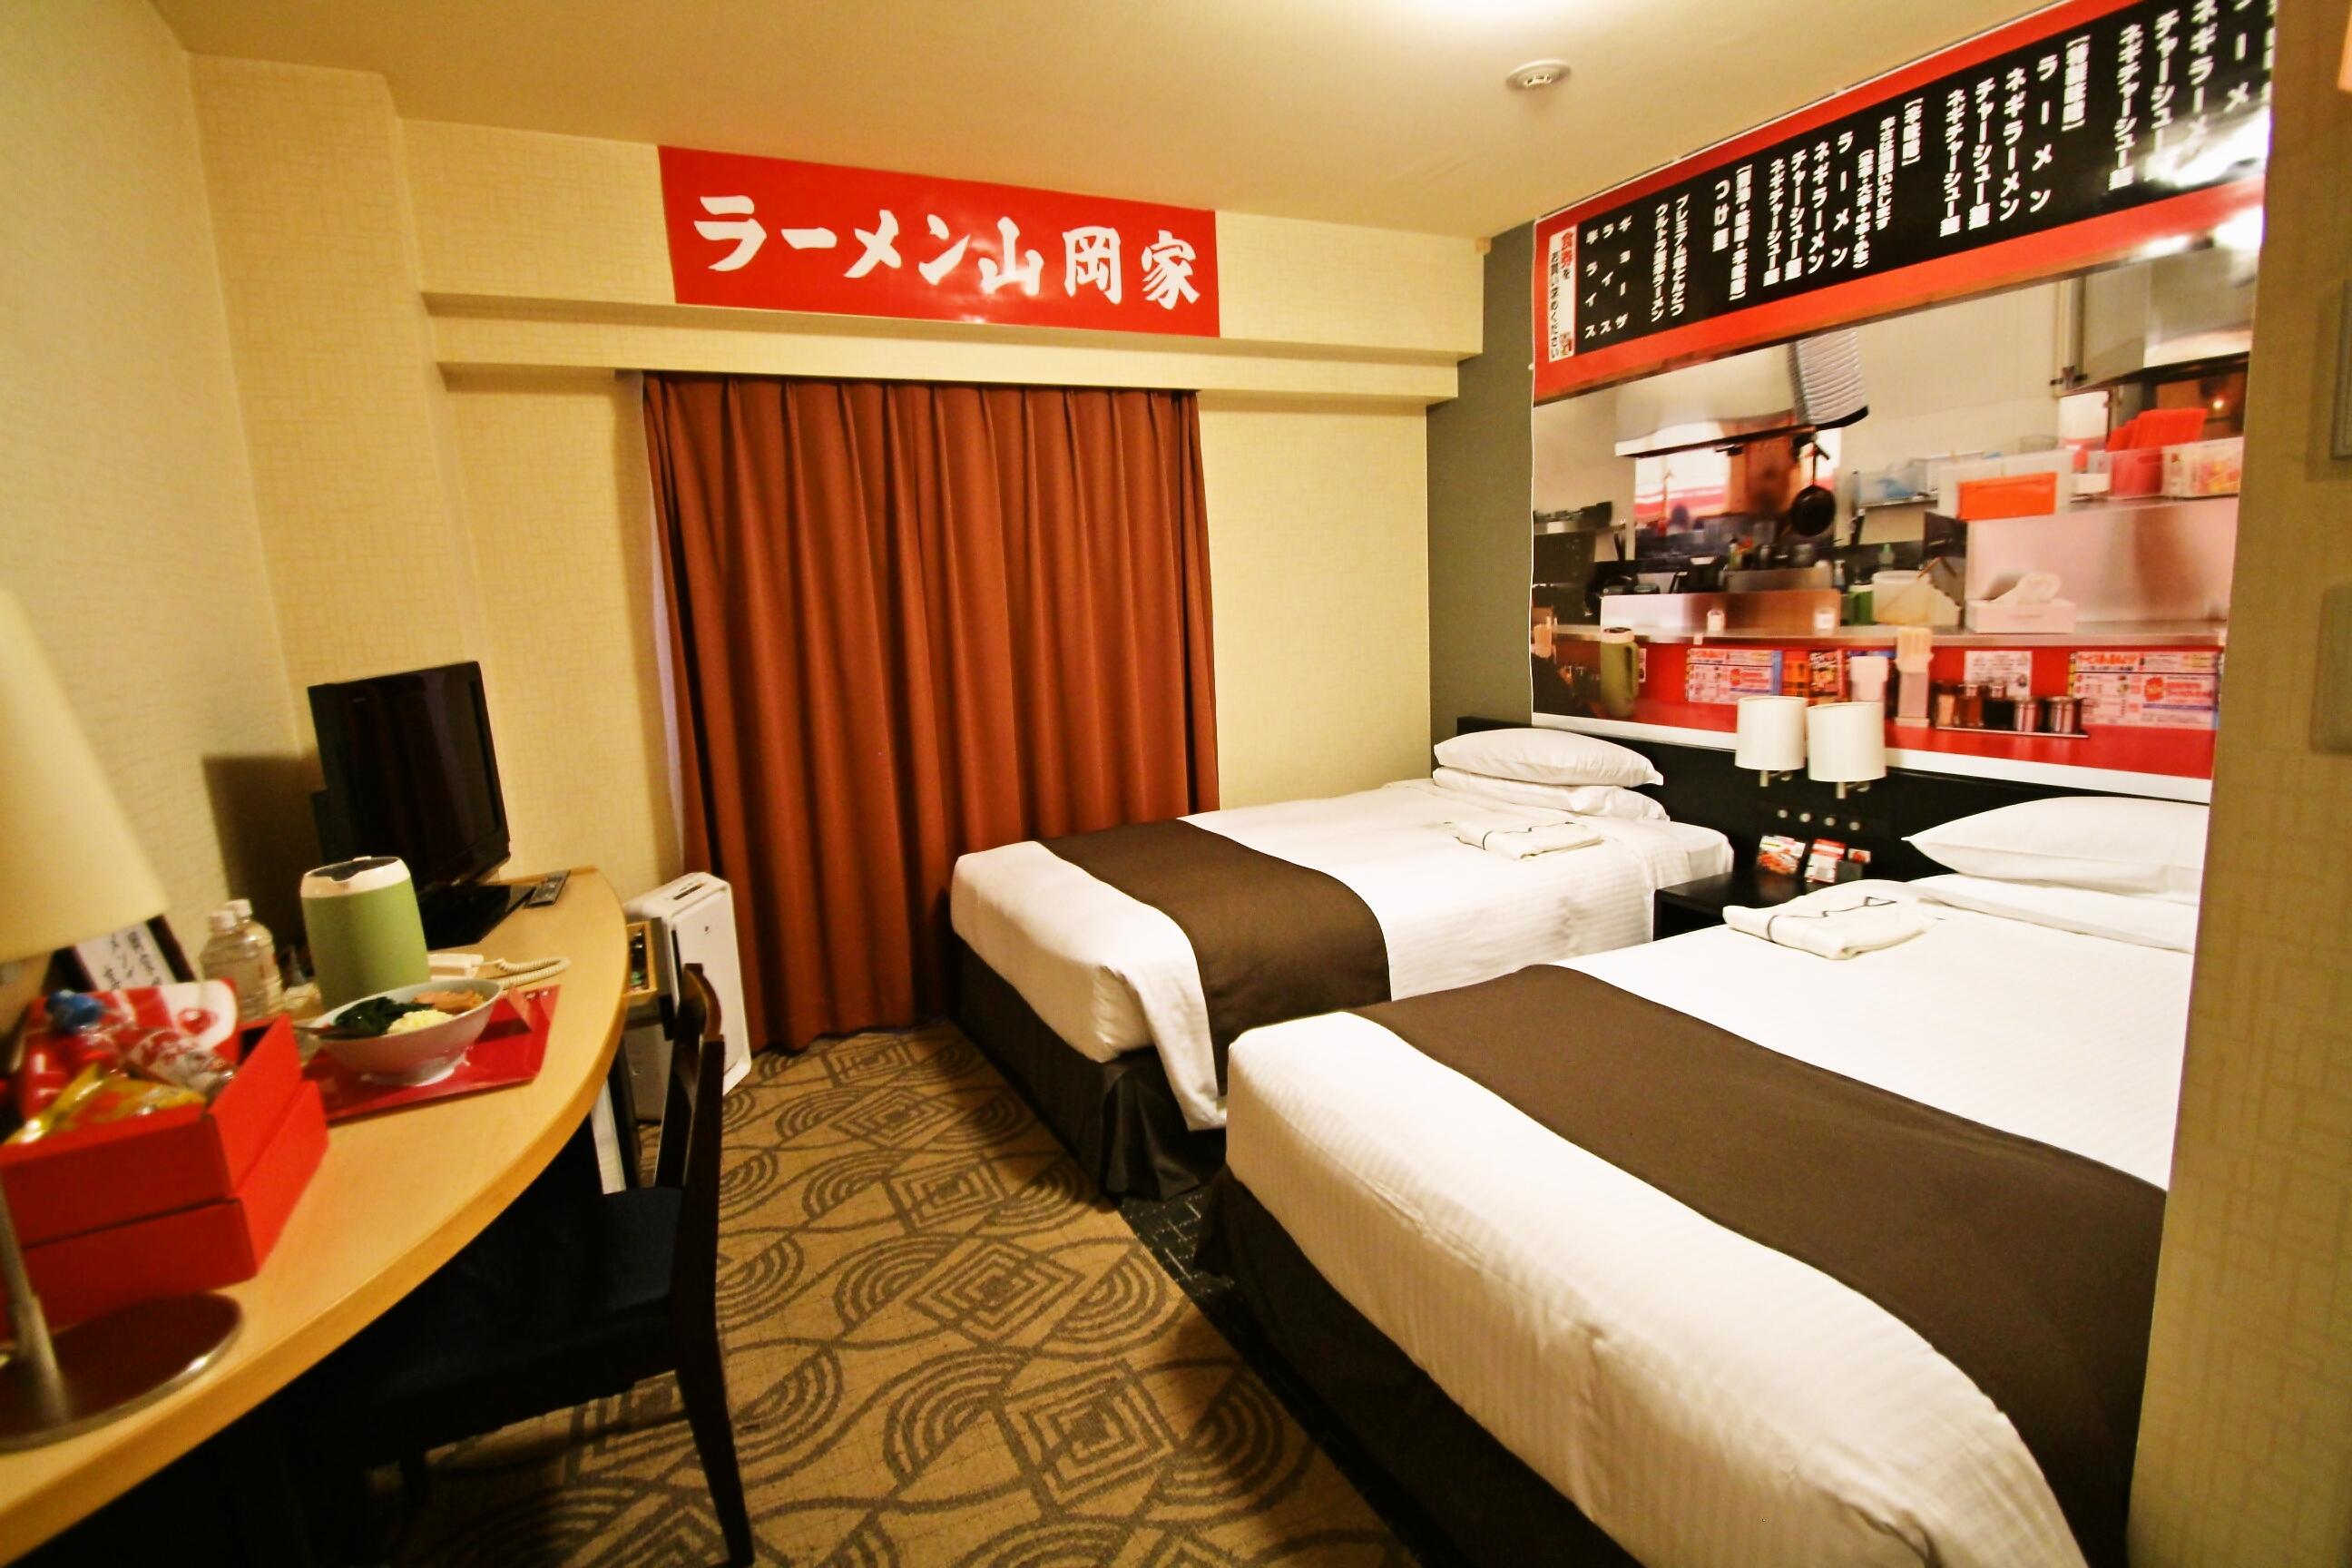 ホテルの一室が「ラーメン山岡家」に!?異色のコンセプトルーム「山岡家部屋」を販売 東急REIホテルのプレスリリース